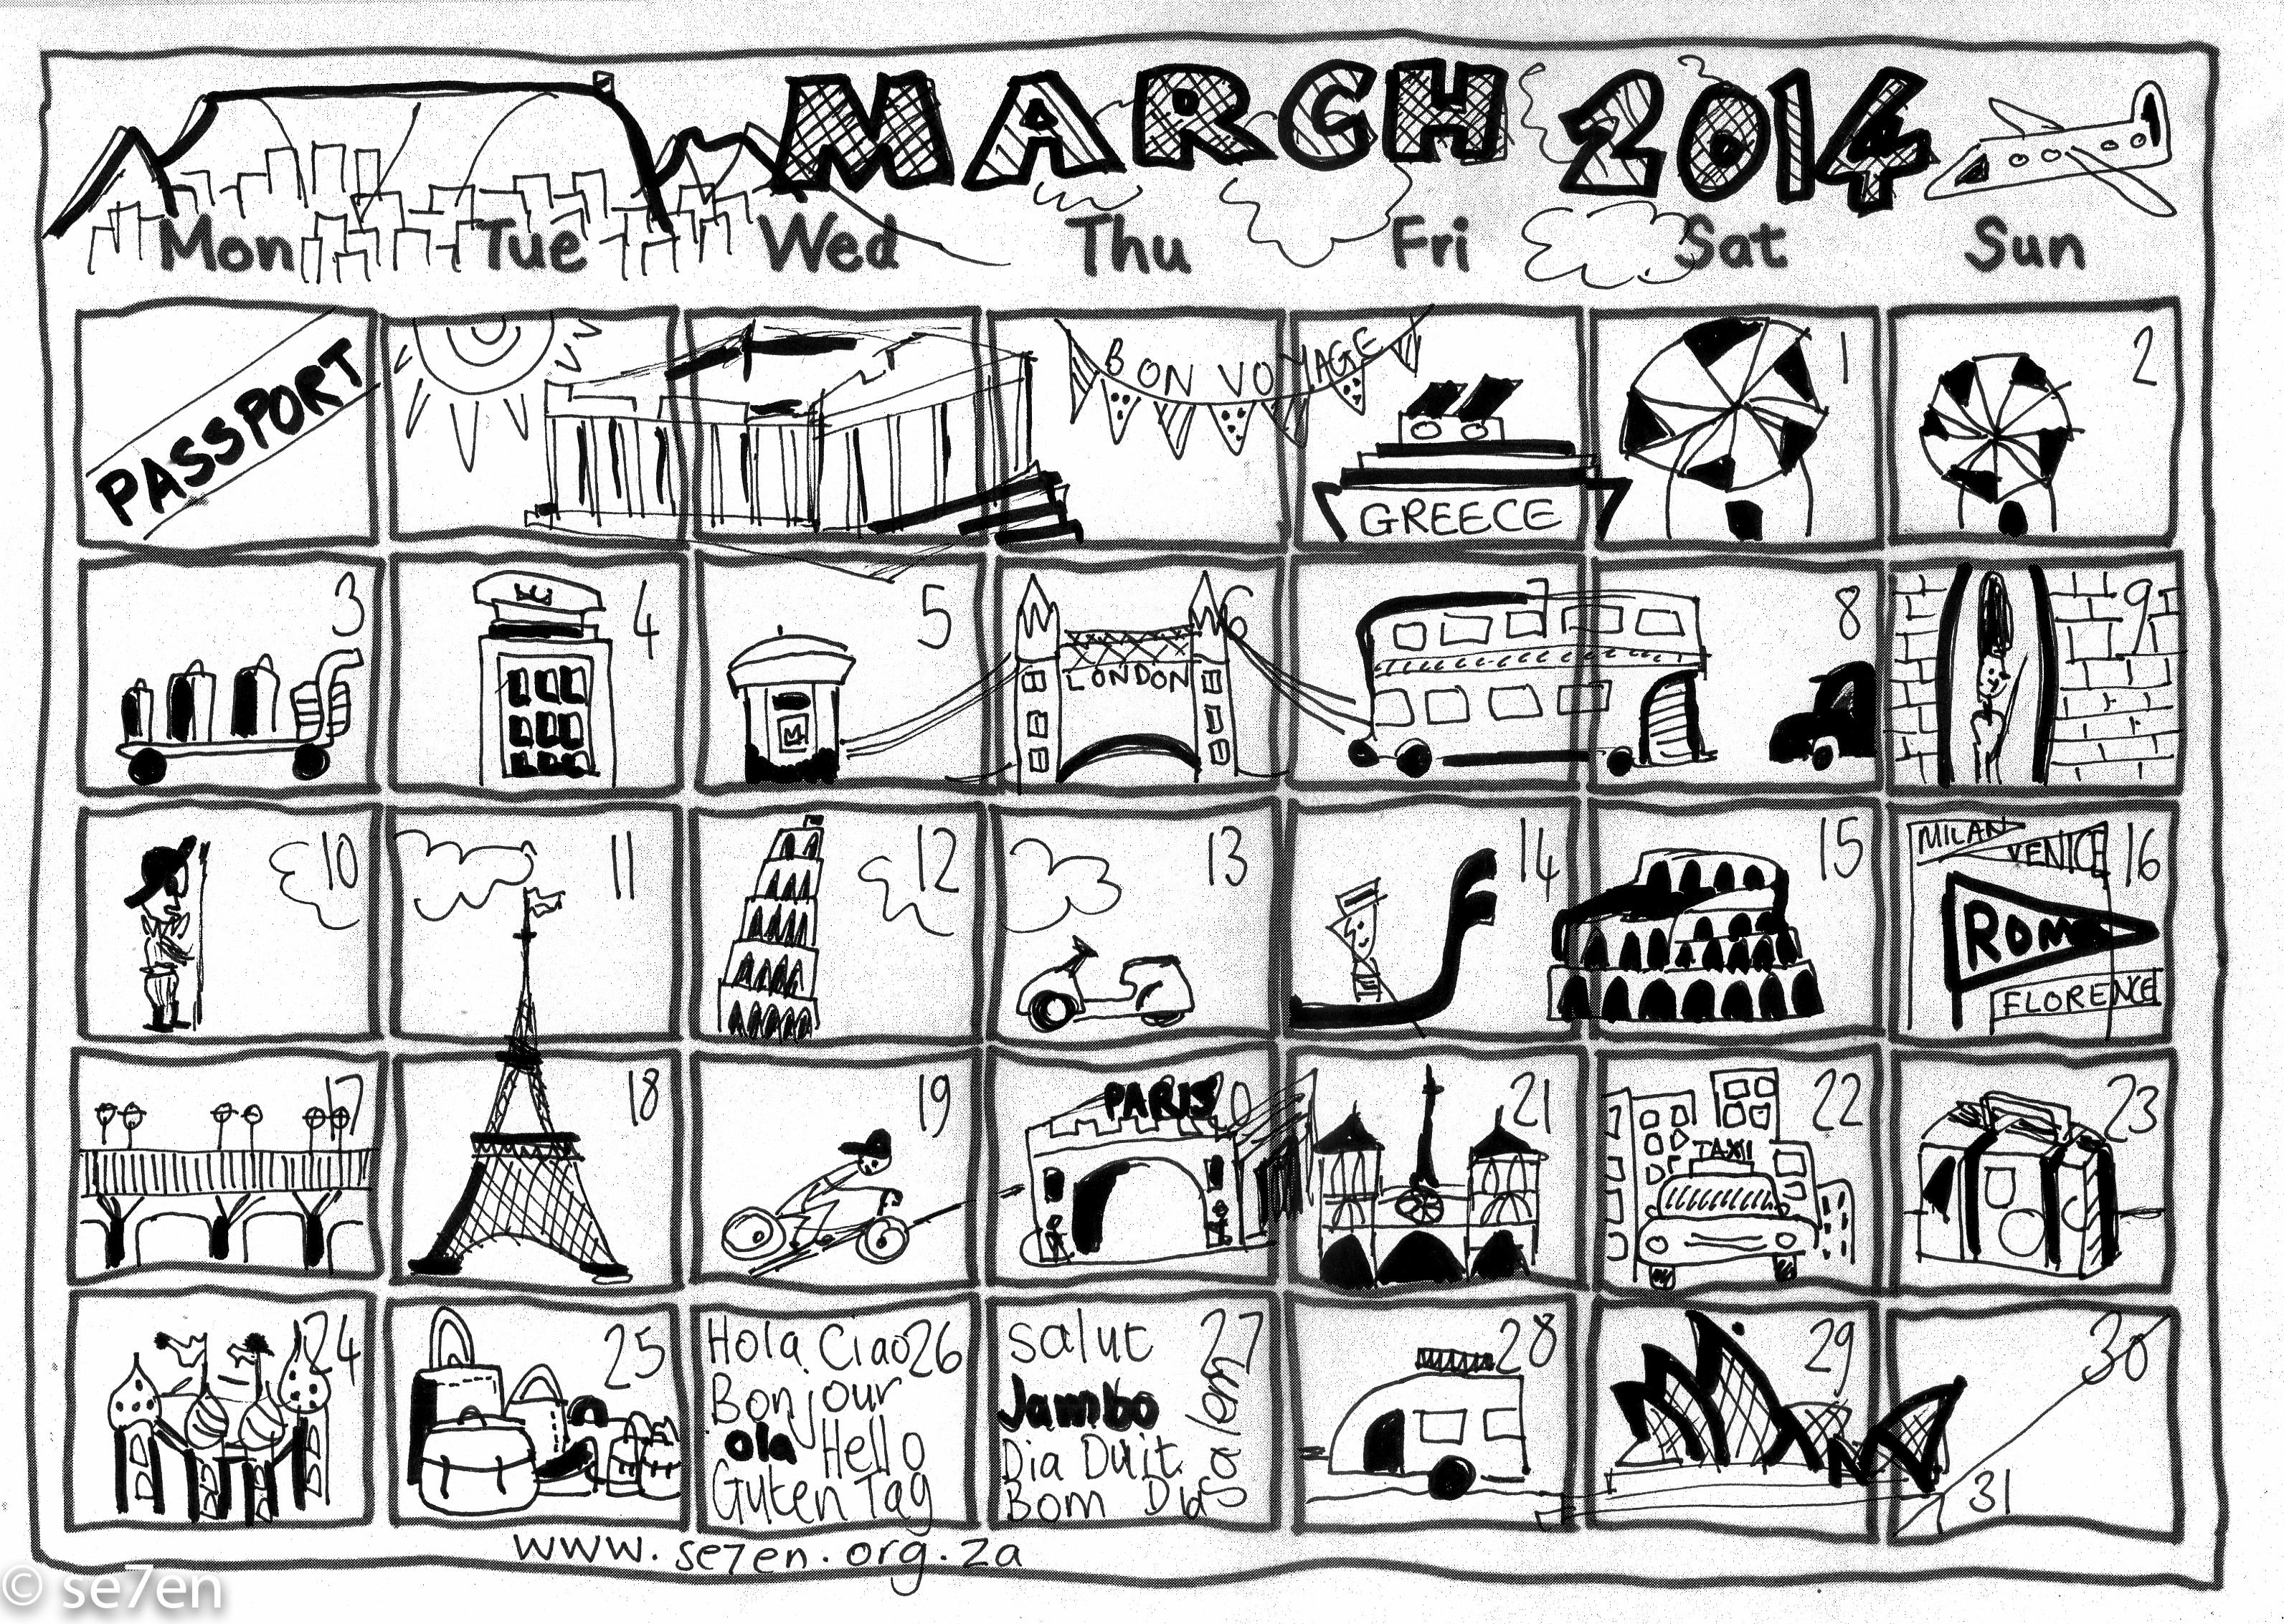 se7en-02-Mar-14-March 2014011.jpg